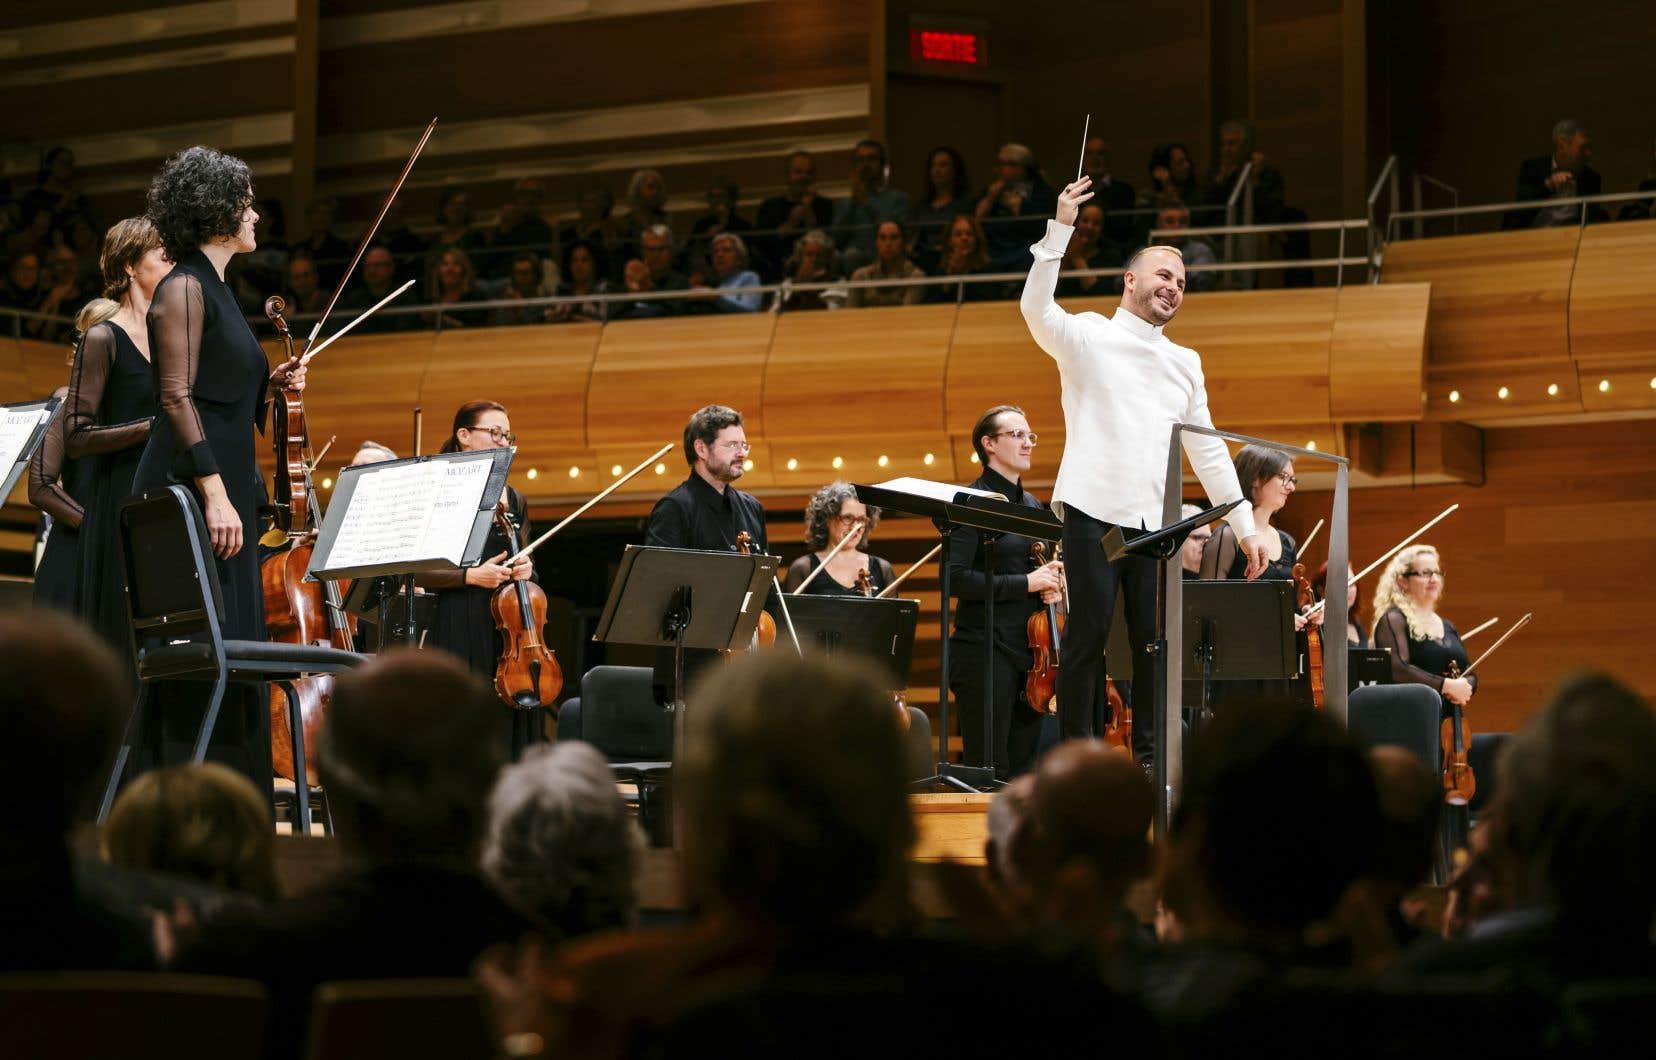 Le jour de l'annonce de sa nomination à vie à la tête de l'OM, Yannick Nézet-Séguin a partagé sa fierté d'être à la tête d'un orchestre ayant désormais un rayonnement international.